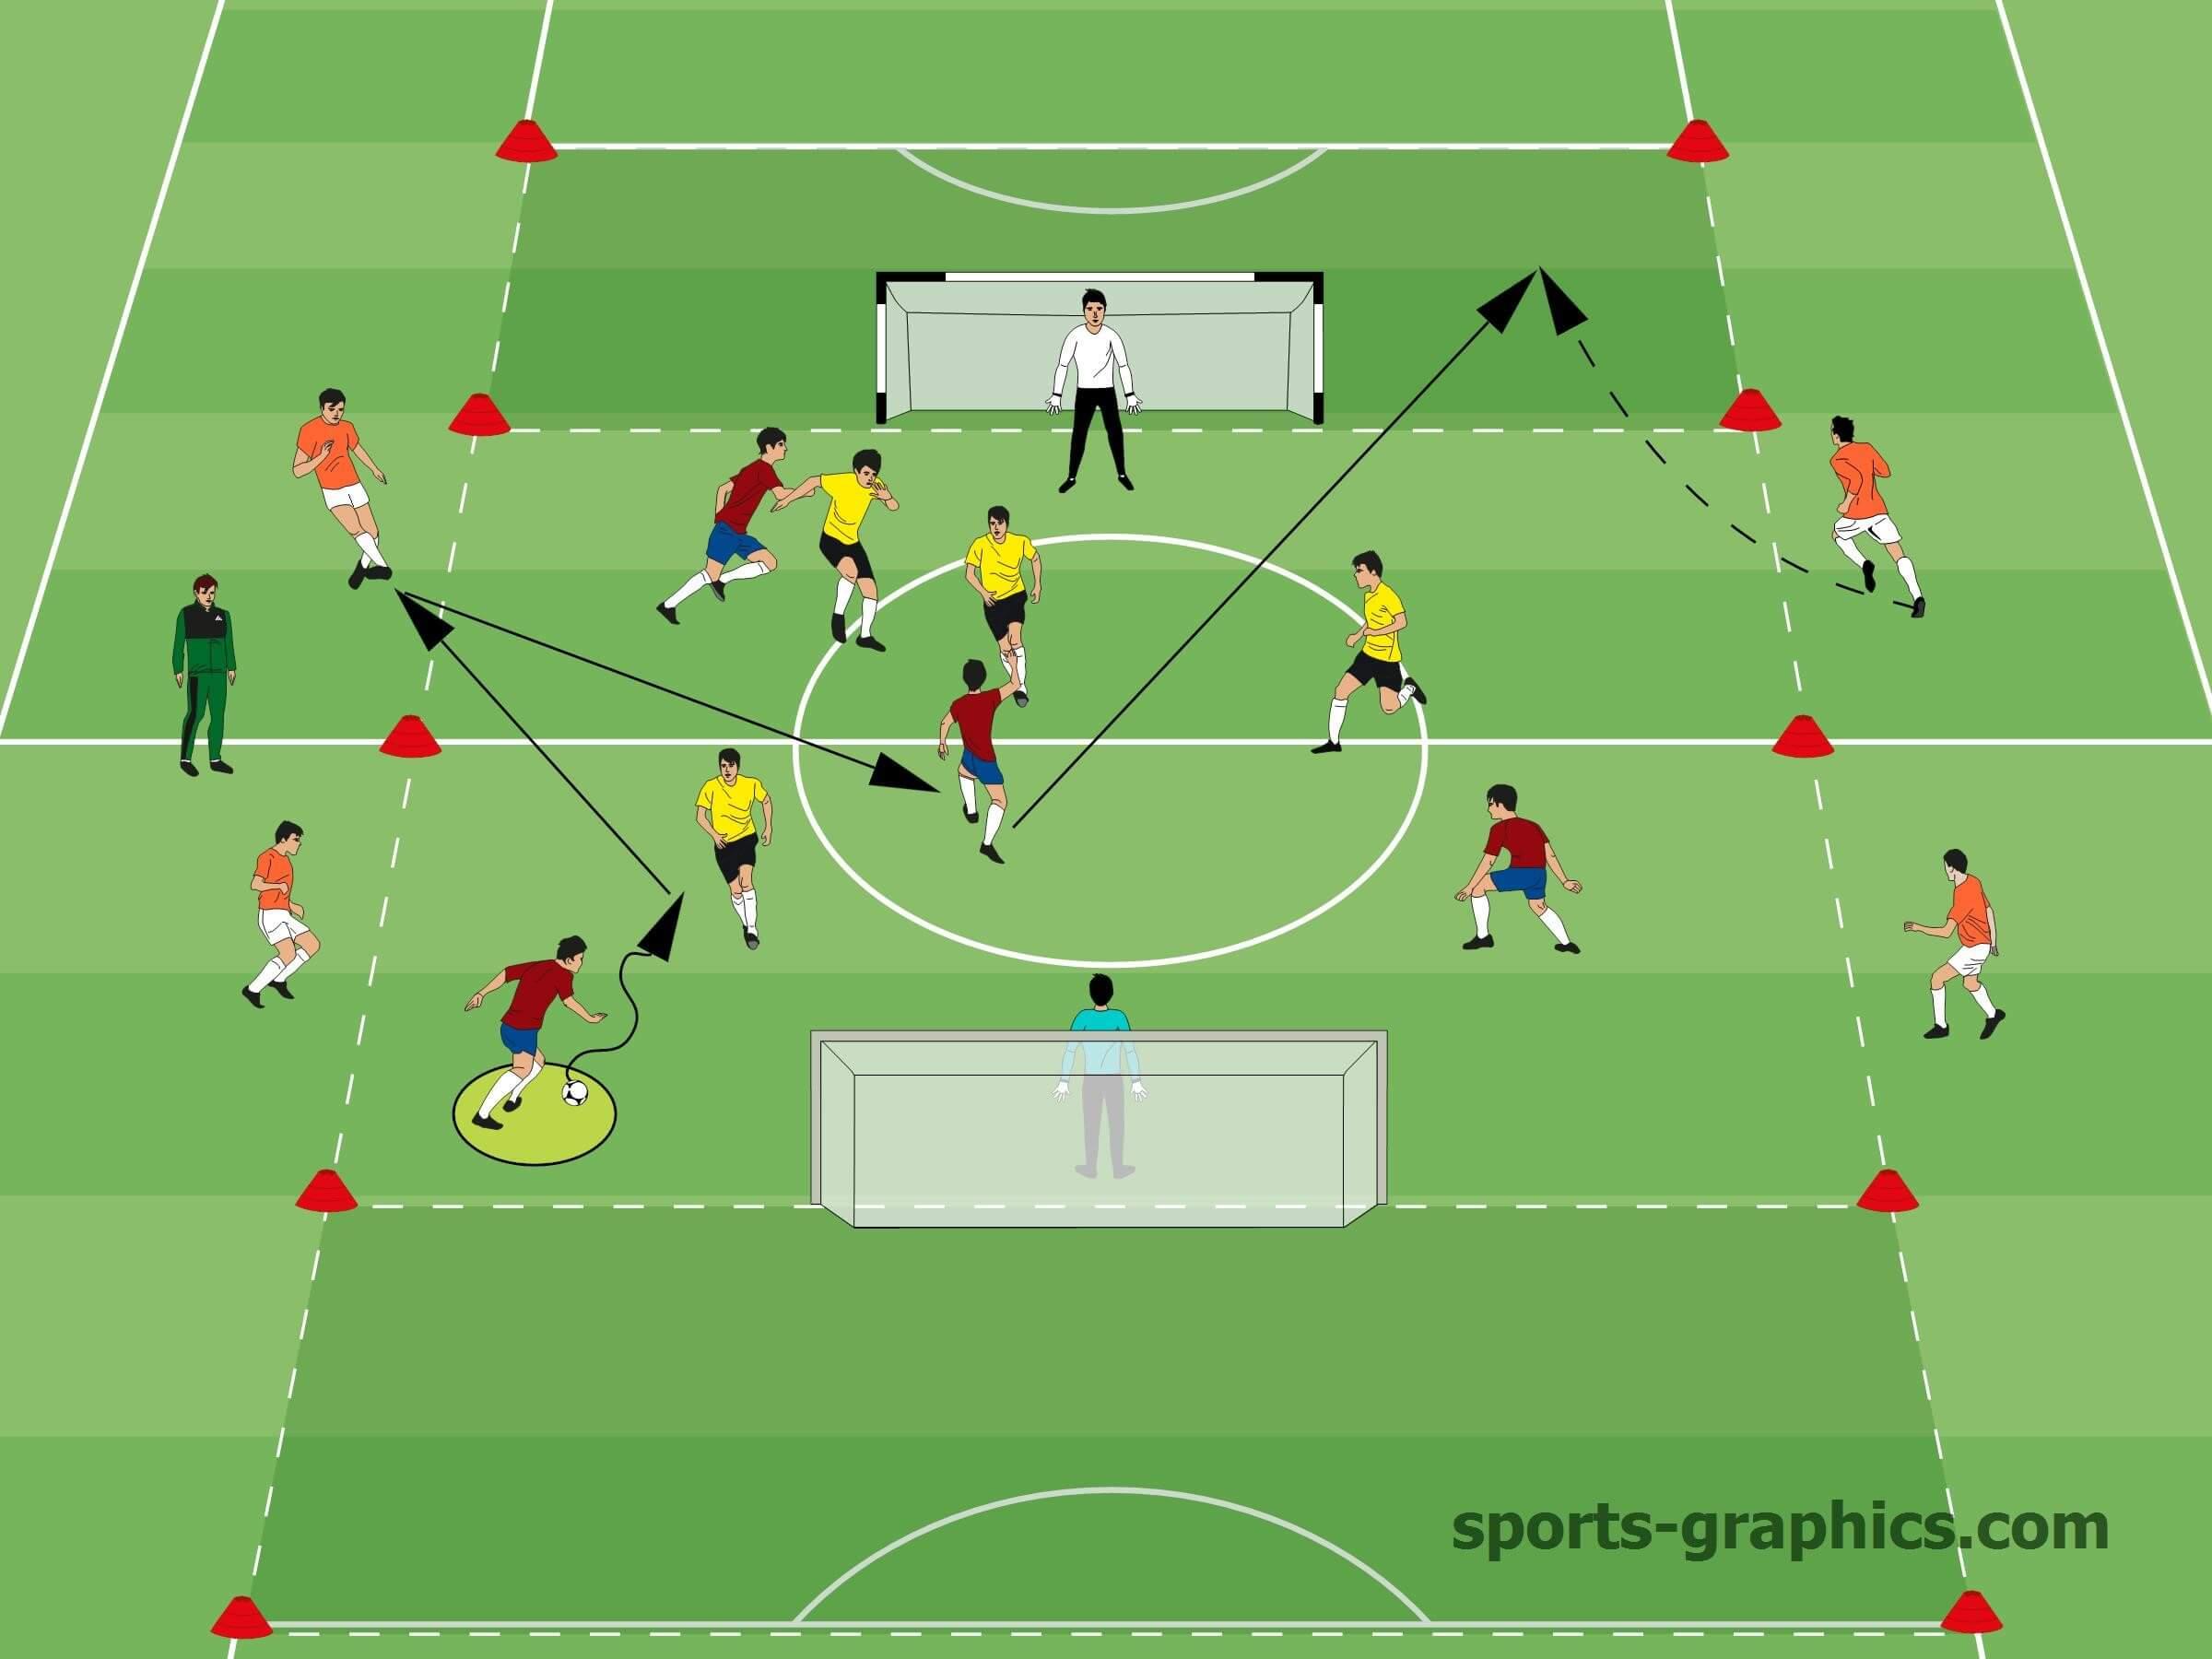 soccerdrill-zonesbehindgoal